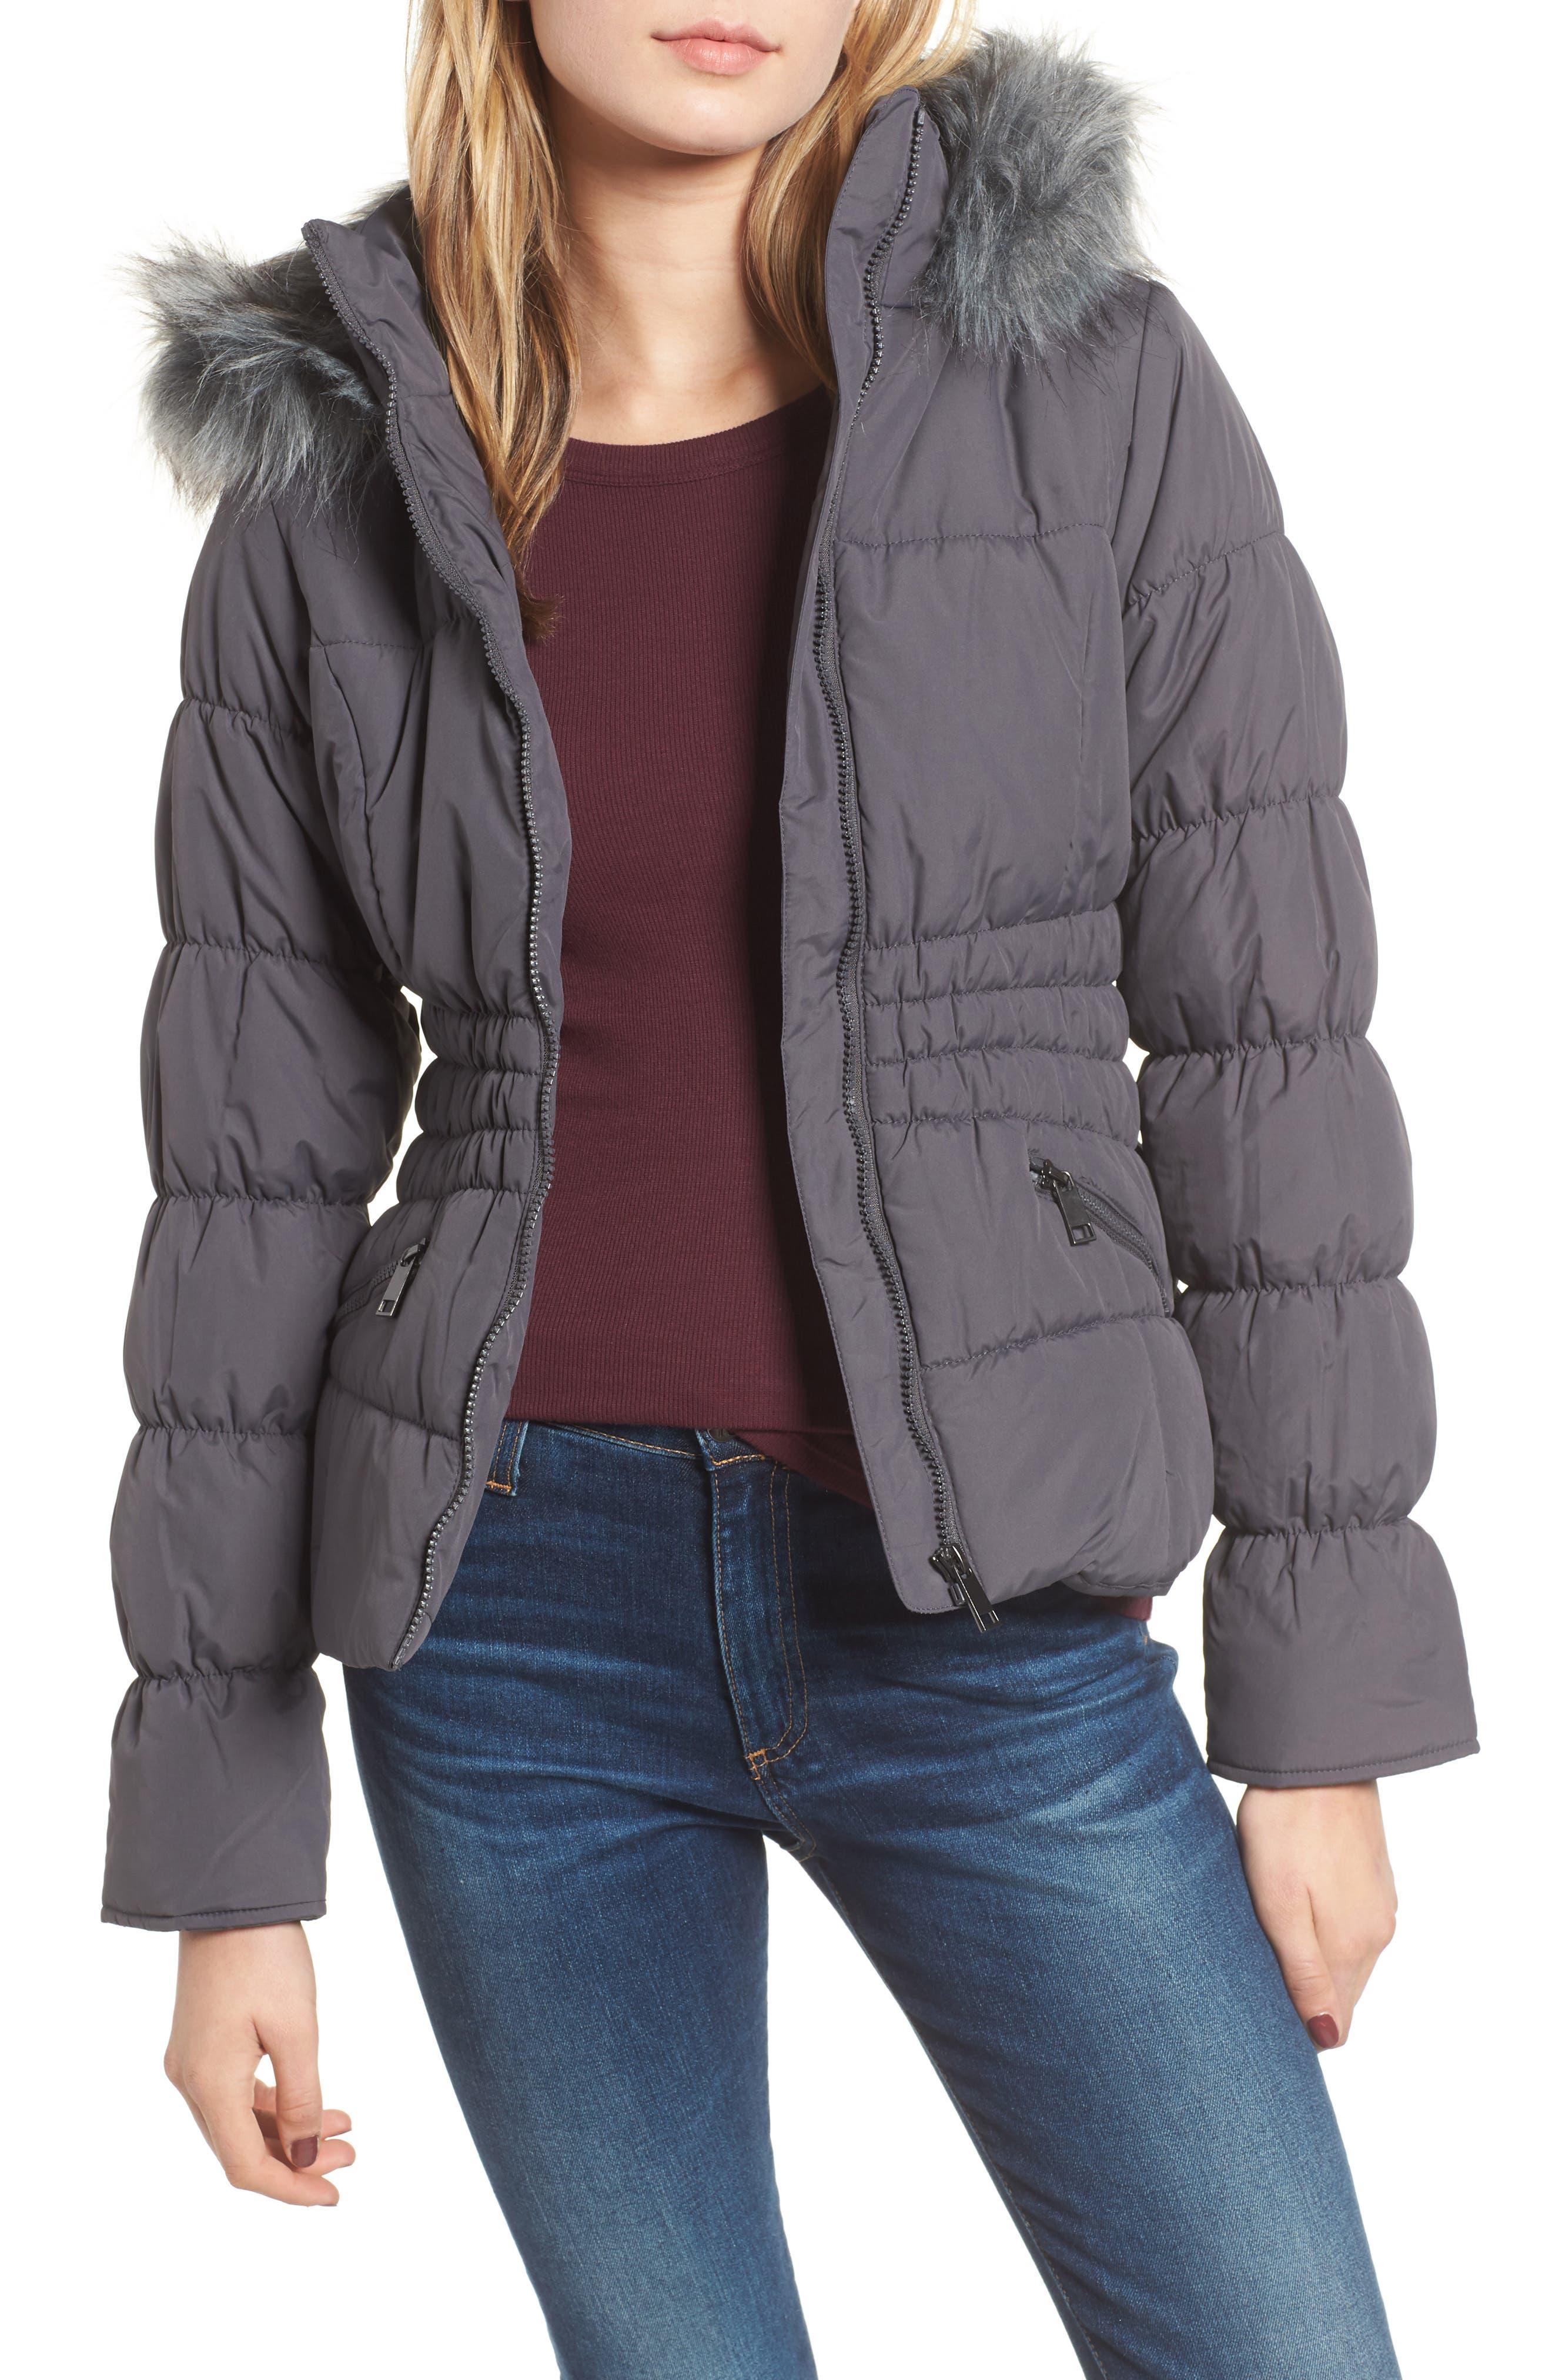 Maralyn & Me Faux Fur Trim & Fleece Lined Puffer Jacket